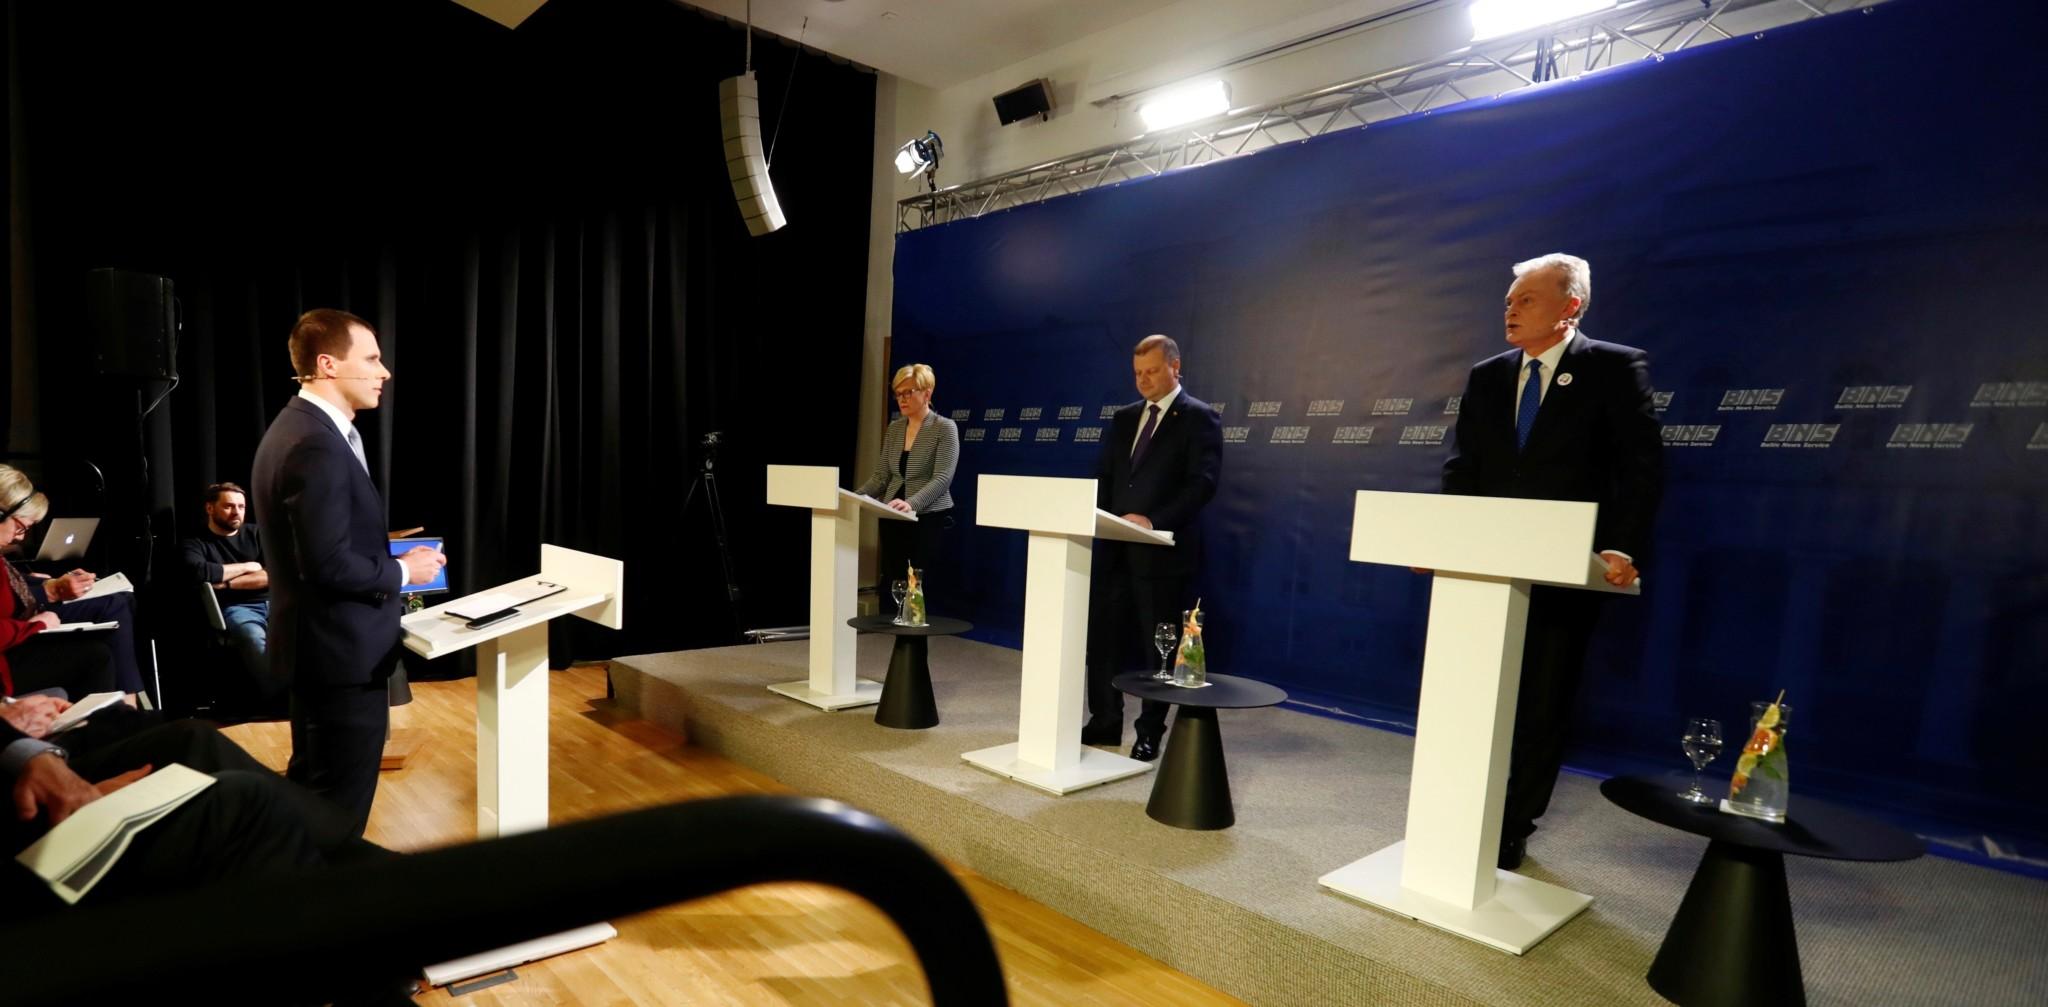 Mot ny valgrunde i Litauen